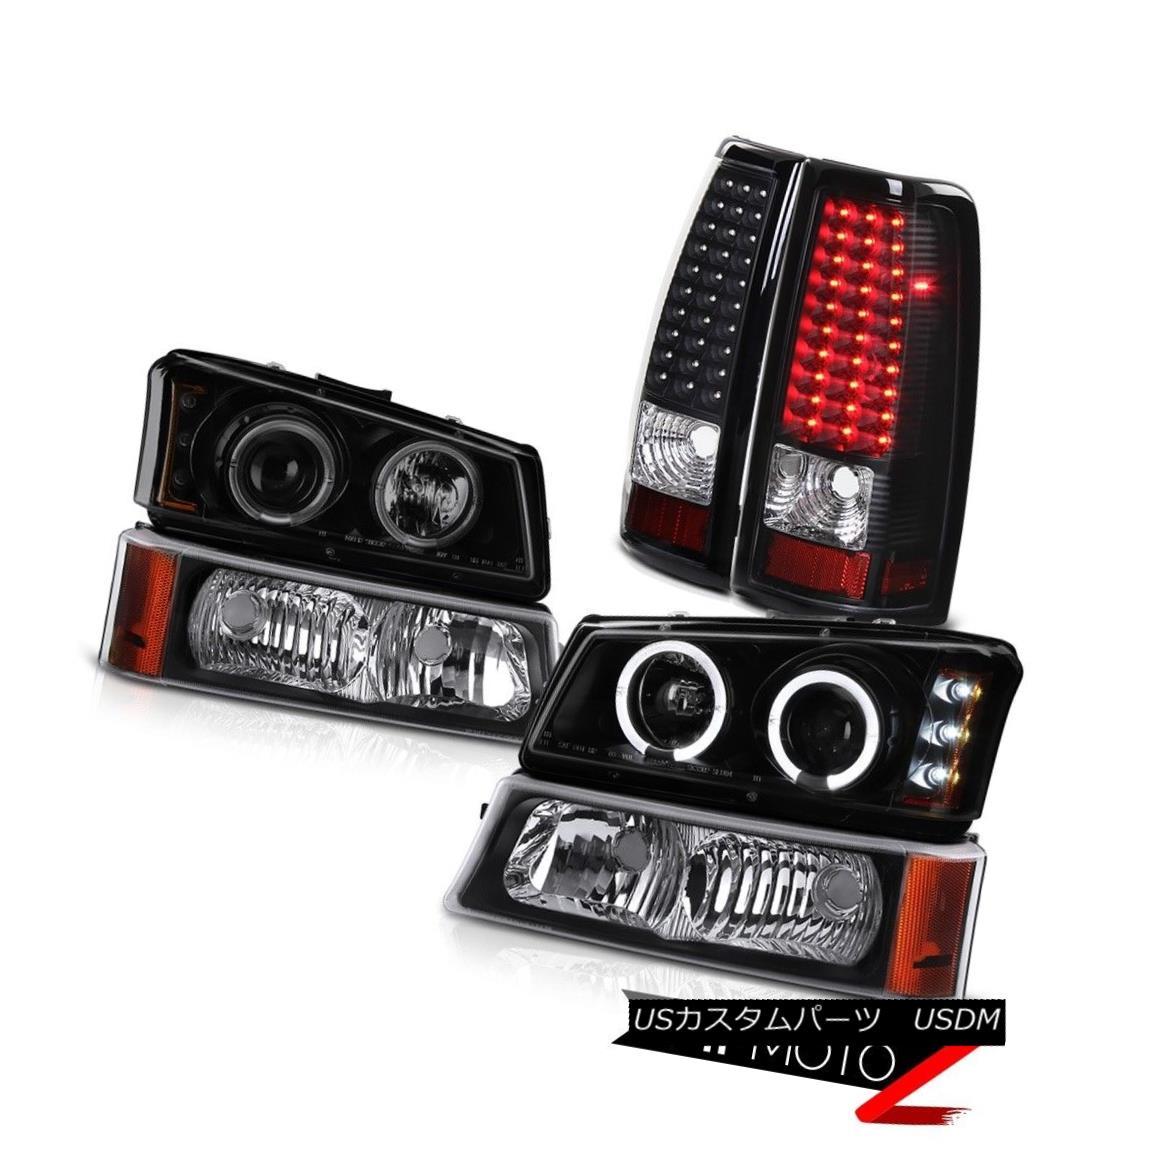 テールライト Sinister Black Headlights Halo Matte Signal L.E.D Tail Lights 03-06 Silverado SS Sinister BlackヘッドライトHalo Matte信号L.E.Dテールライト03-06 Silverado SS